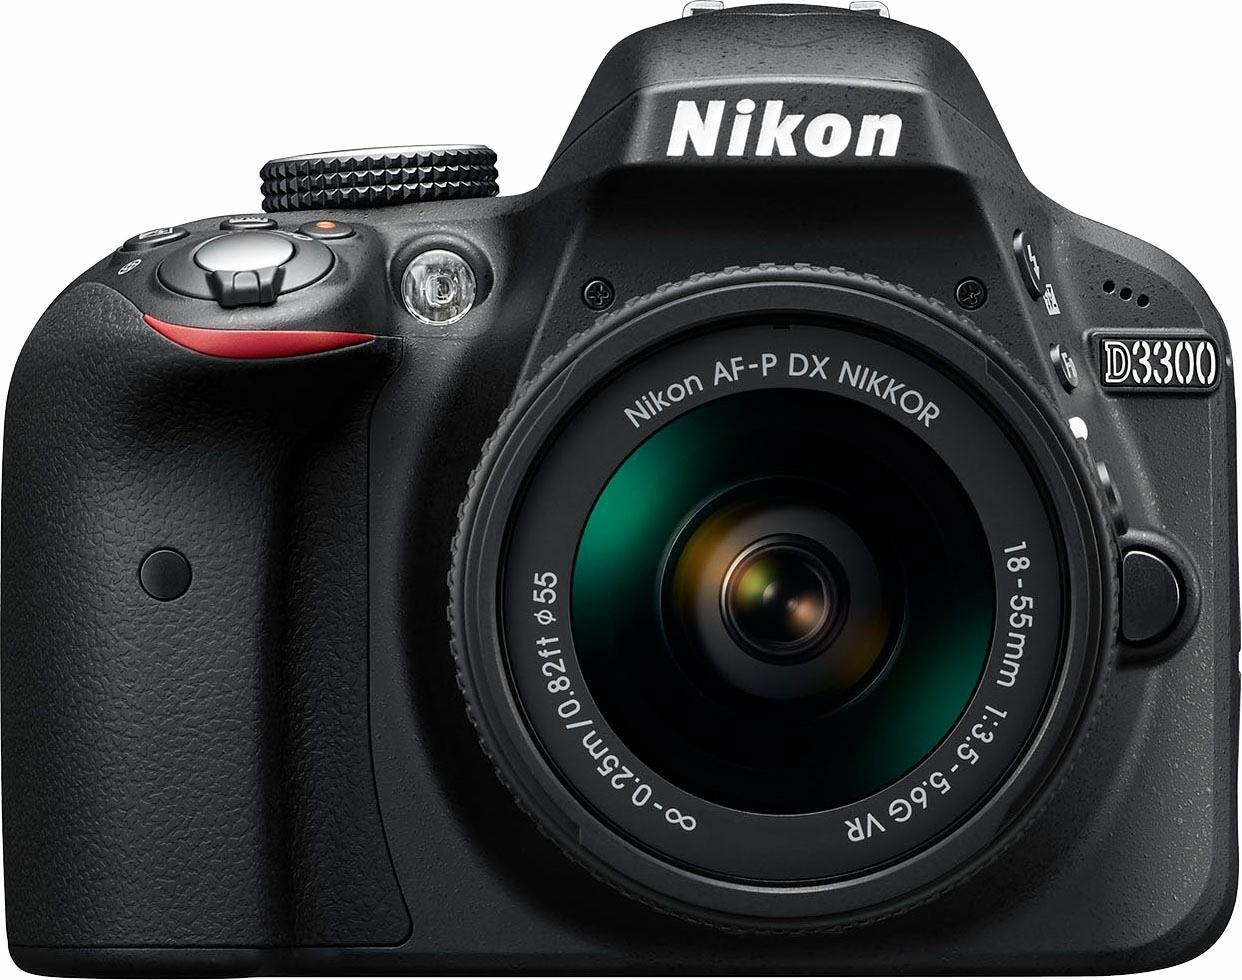 Nikon D3300 Kit spiegelreflexcamera, AF-P DX NIKKOR 18-55 mm 1:3,5-5,6 G VR zoom, incl. tas - verschillende betaalmethodes